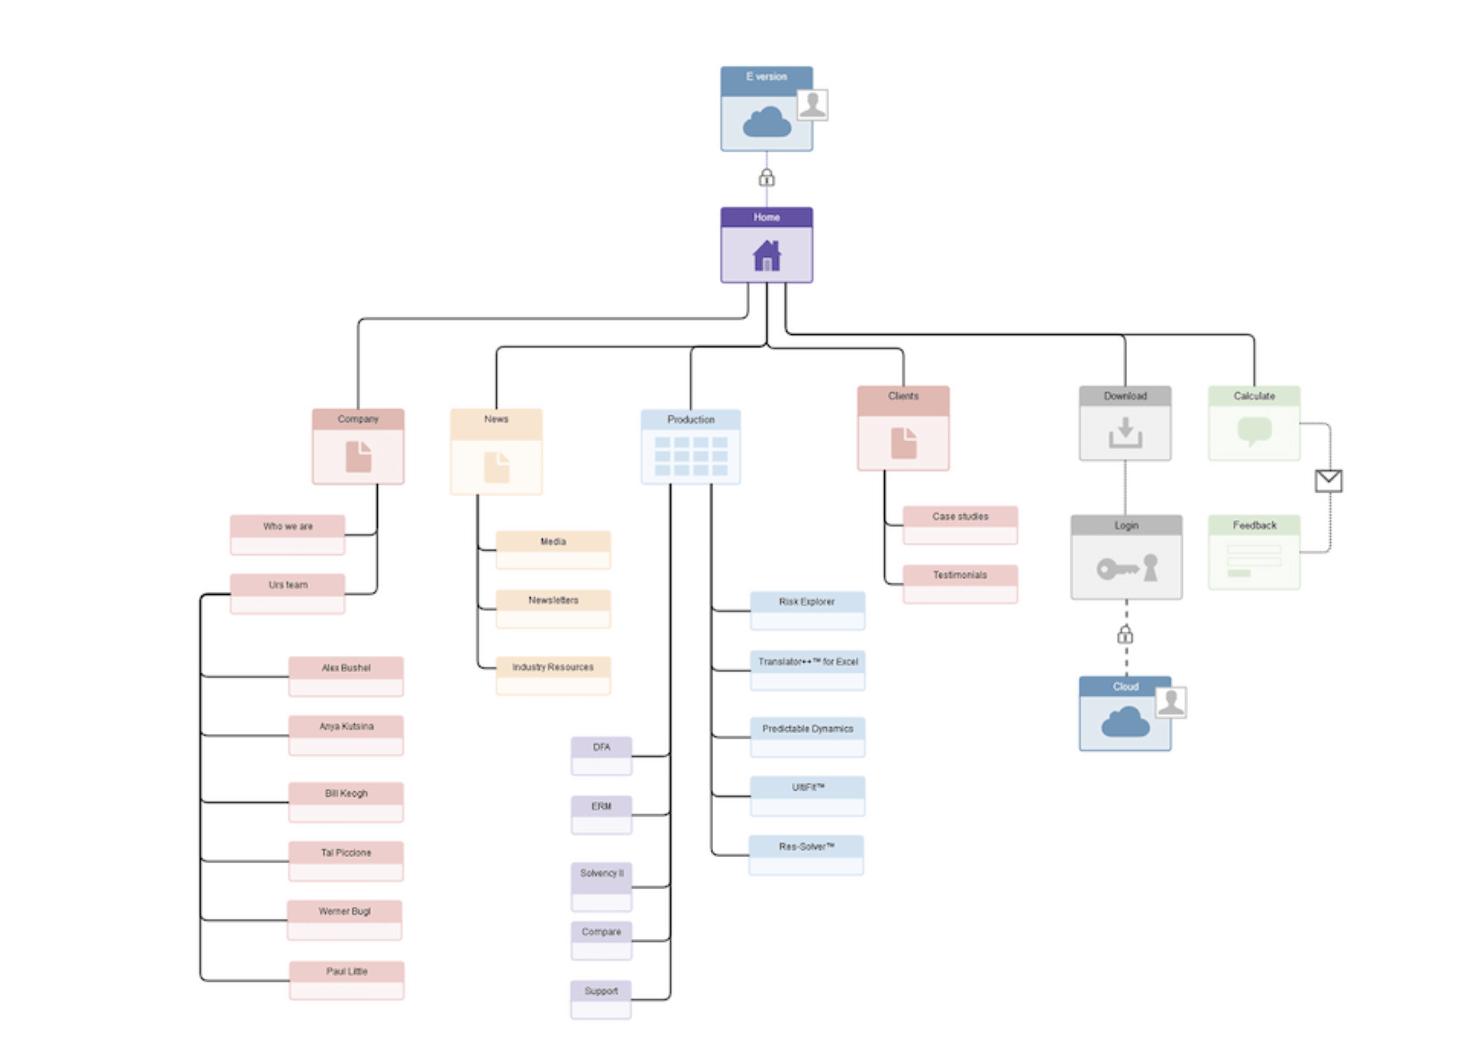 Arquitectura de la información de un sitio web para diseño UX